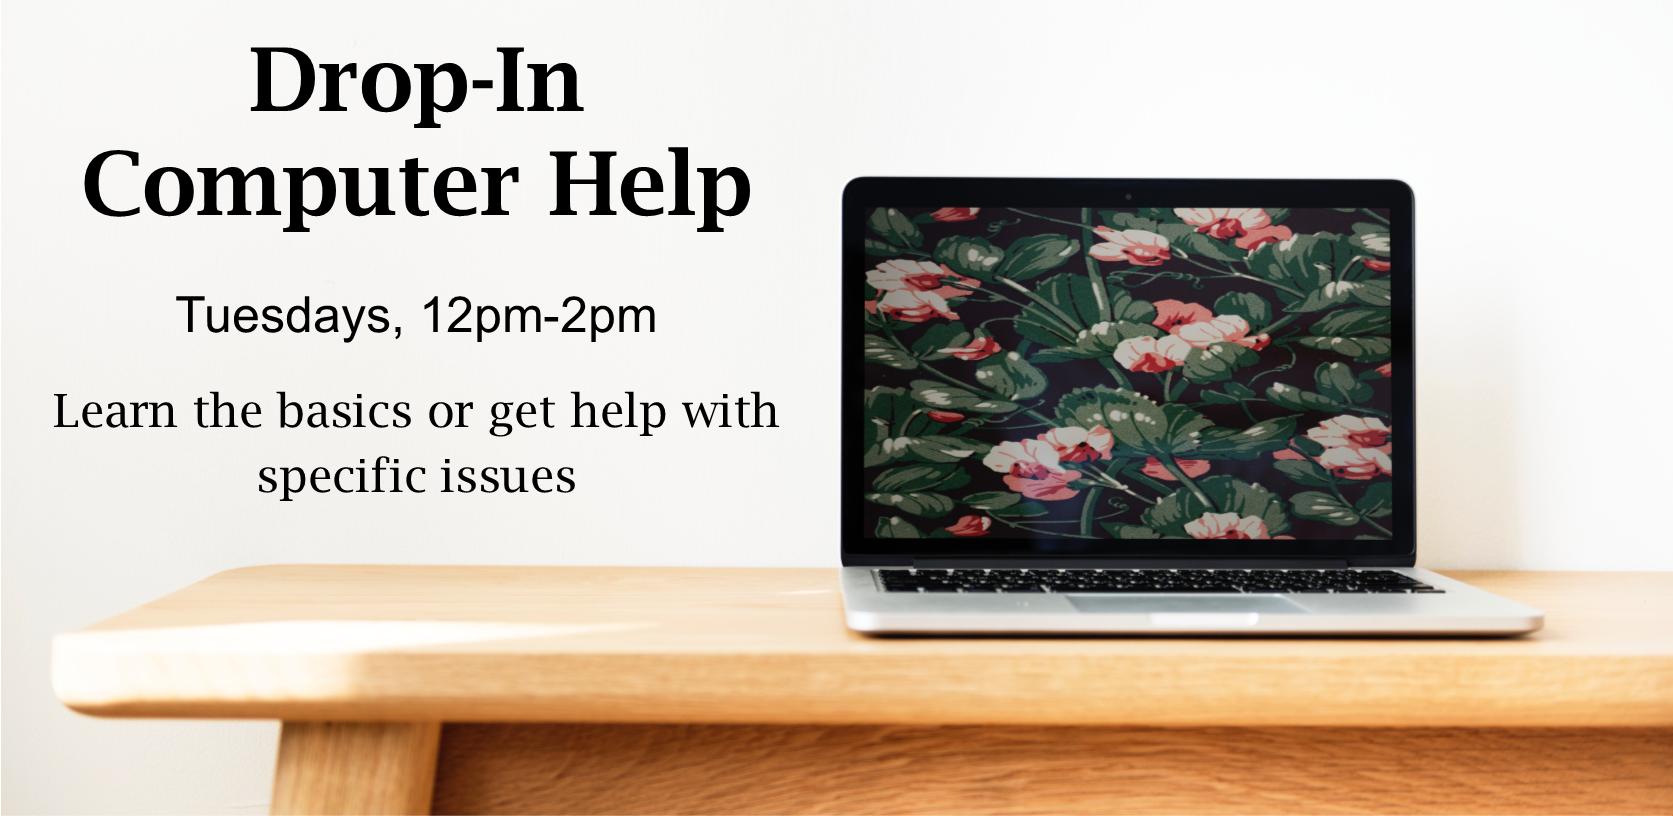 Drop-In Computer Help